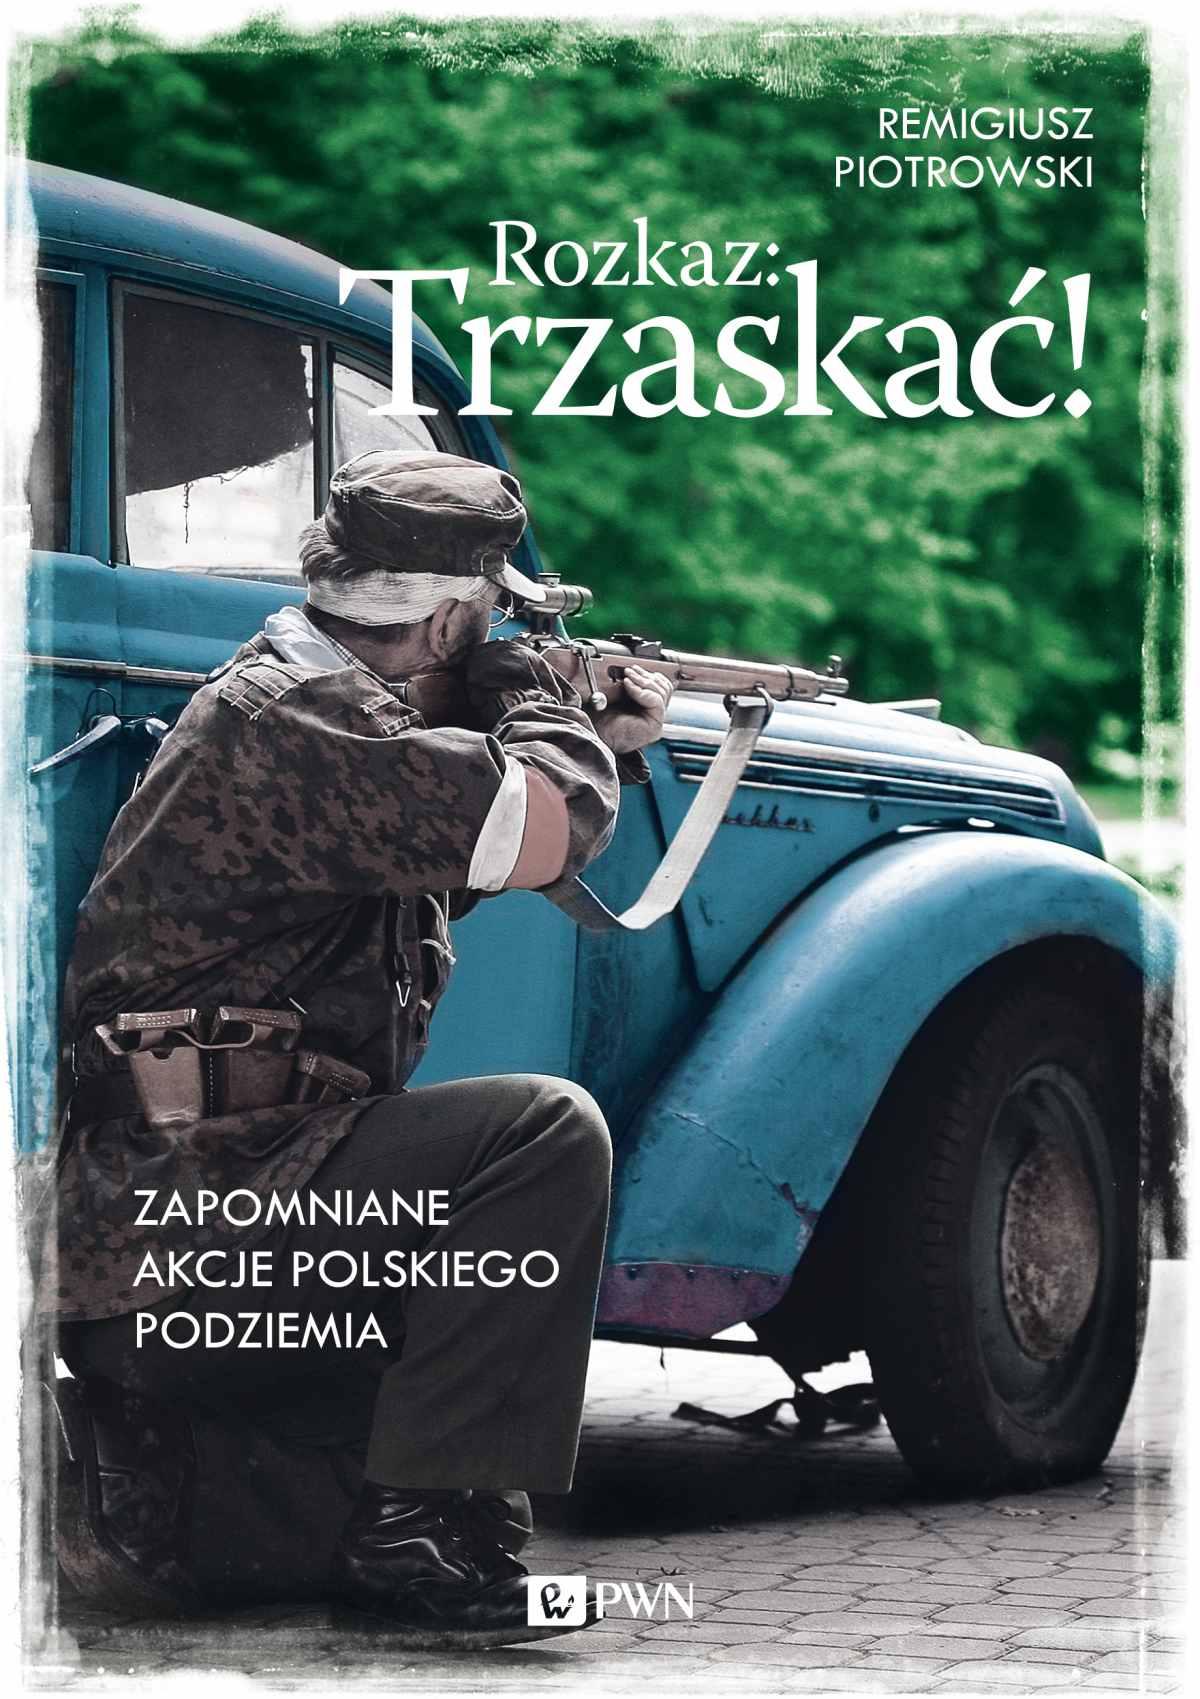 Rozkaz: Trzaskać! Zapomniane akcje polskiego podziemia - Ebook (Książka EPUB) do pobrania w formacie EPUB